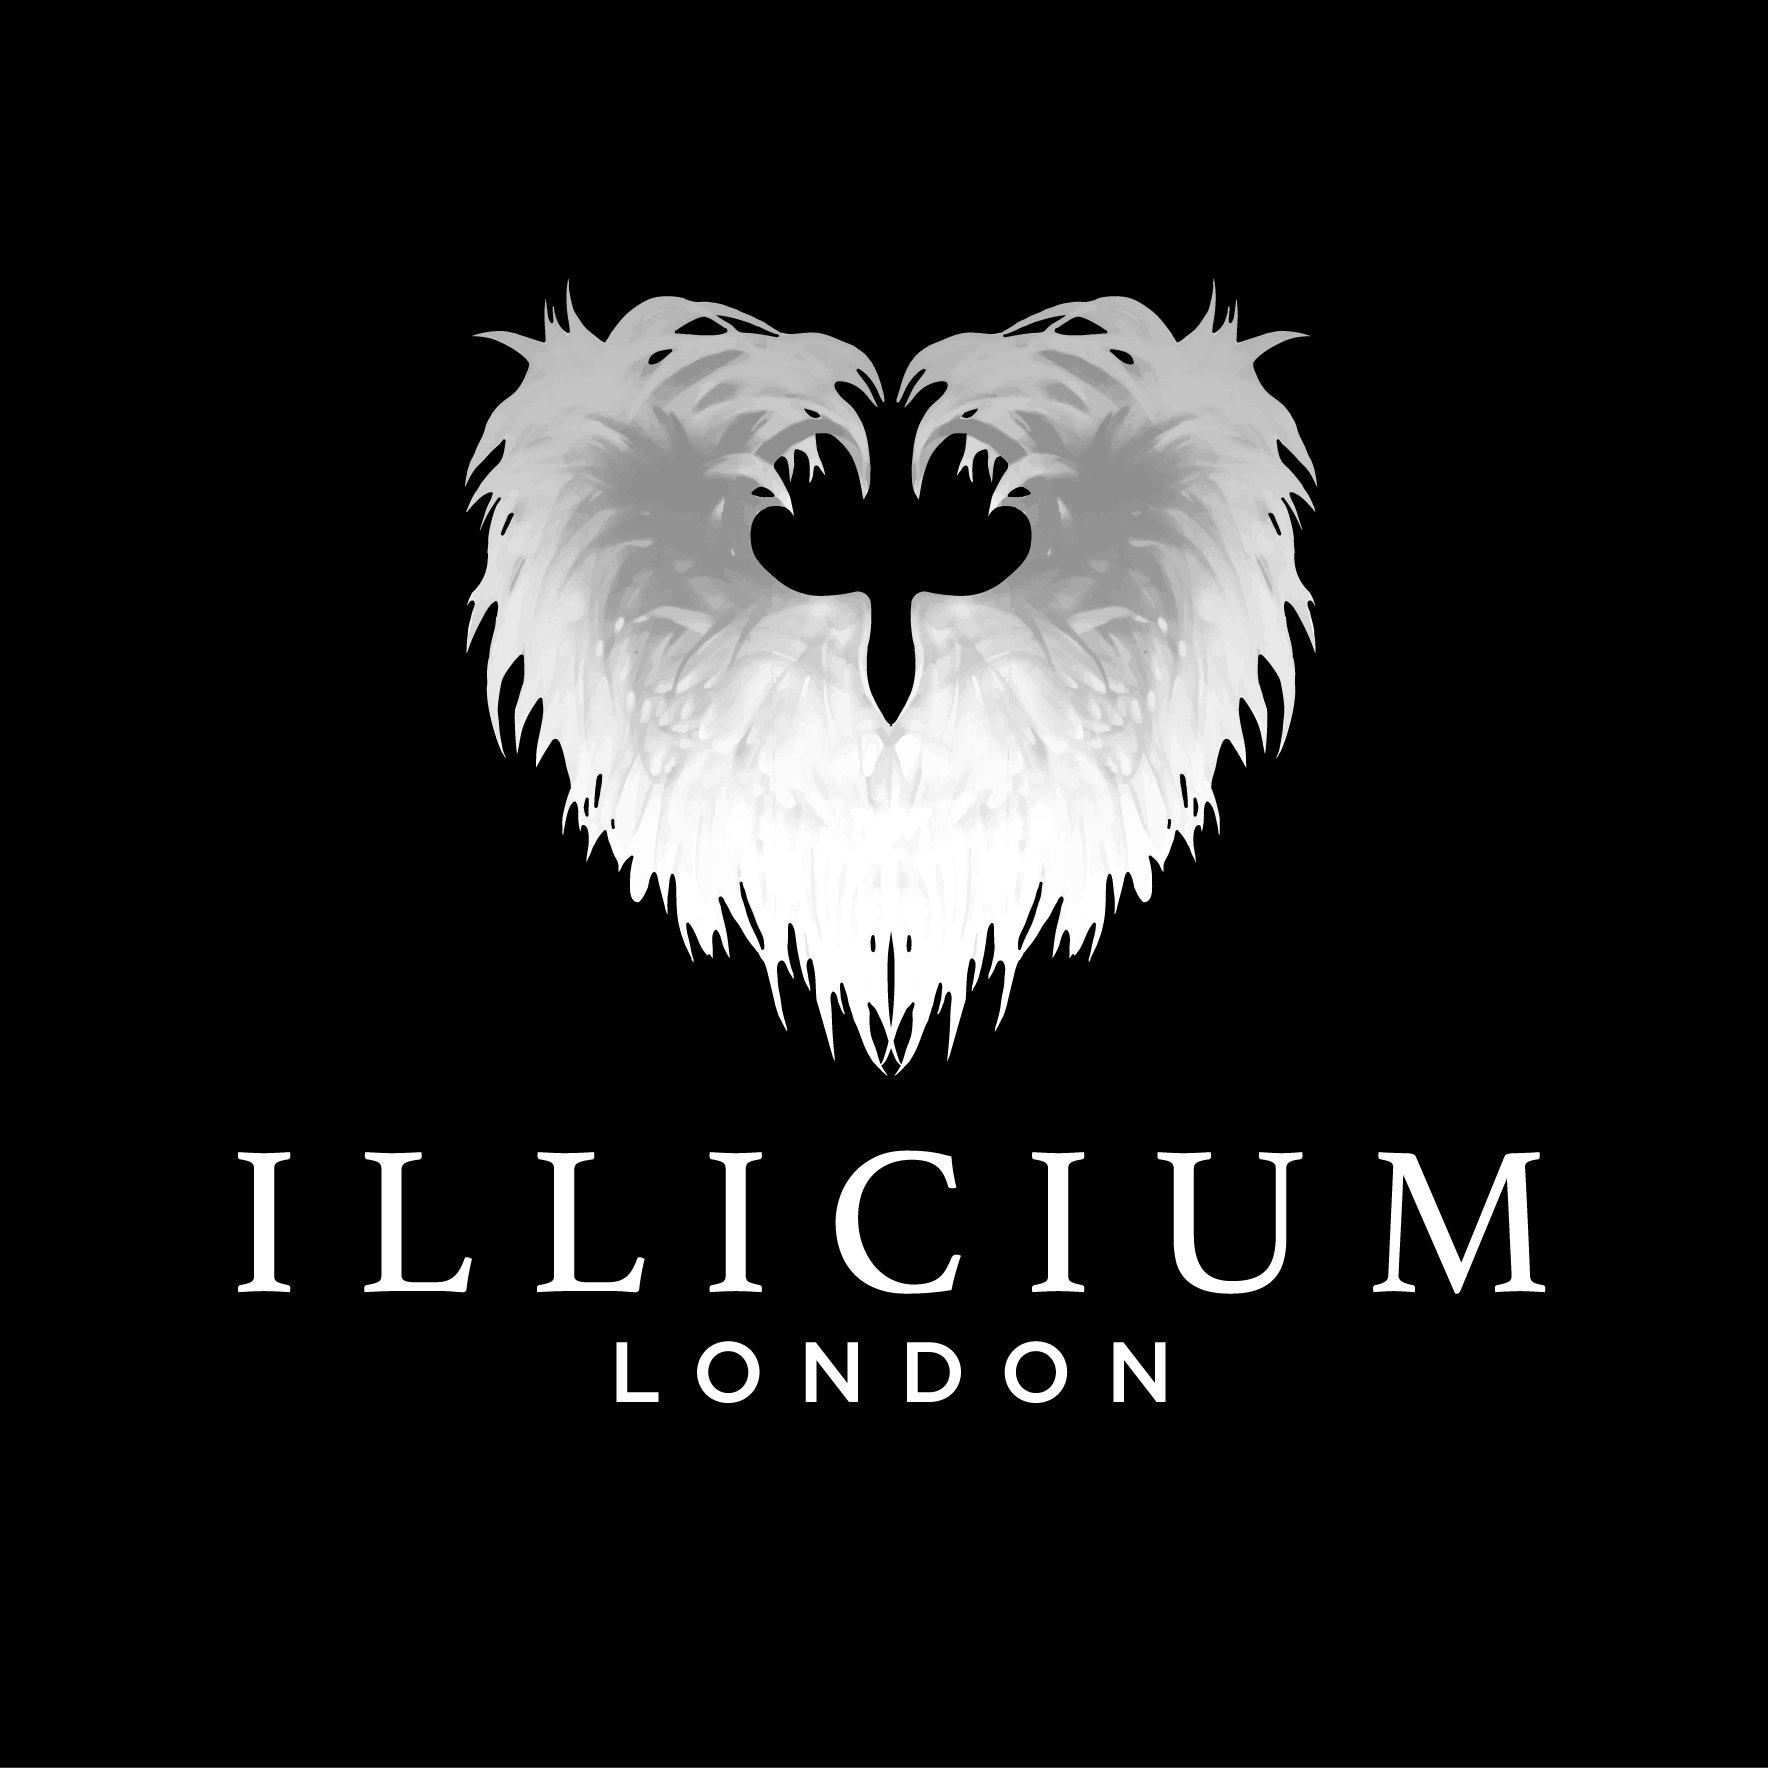 Illicium London